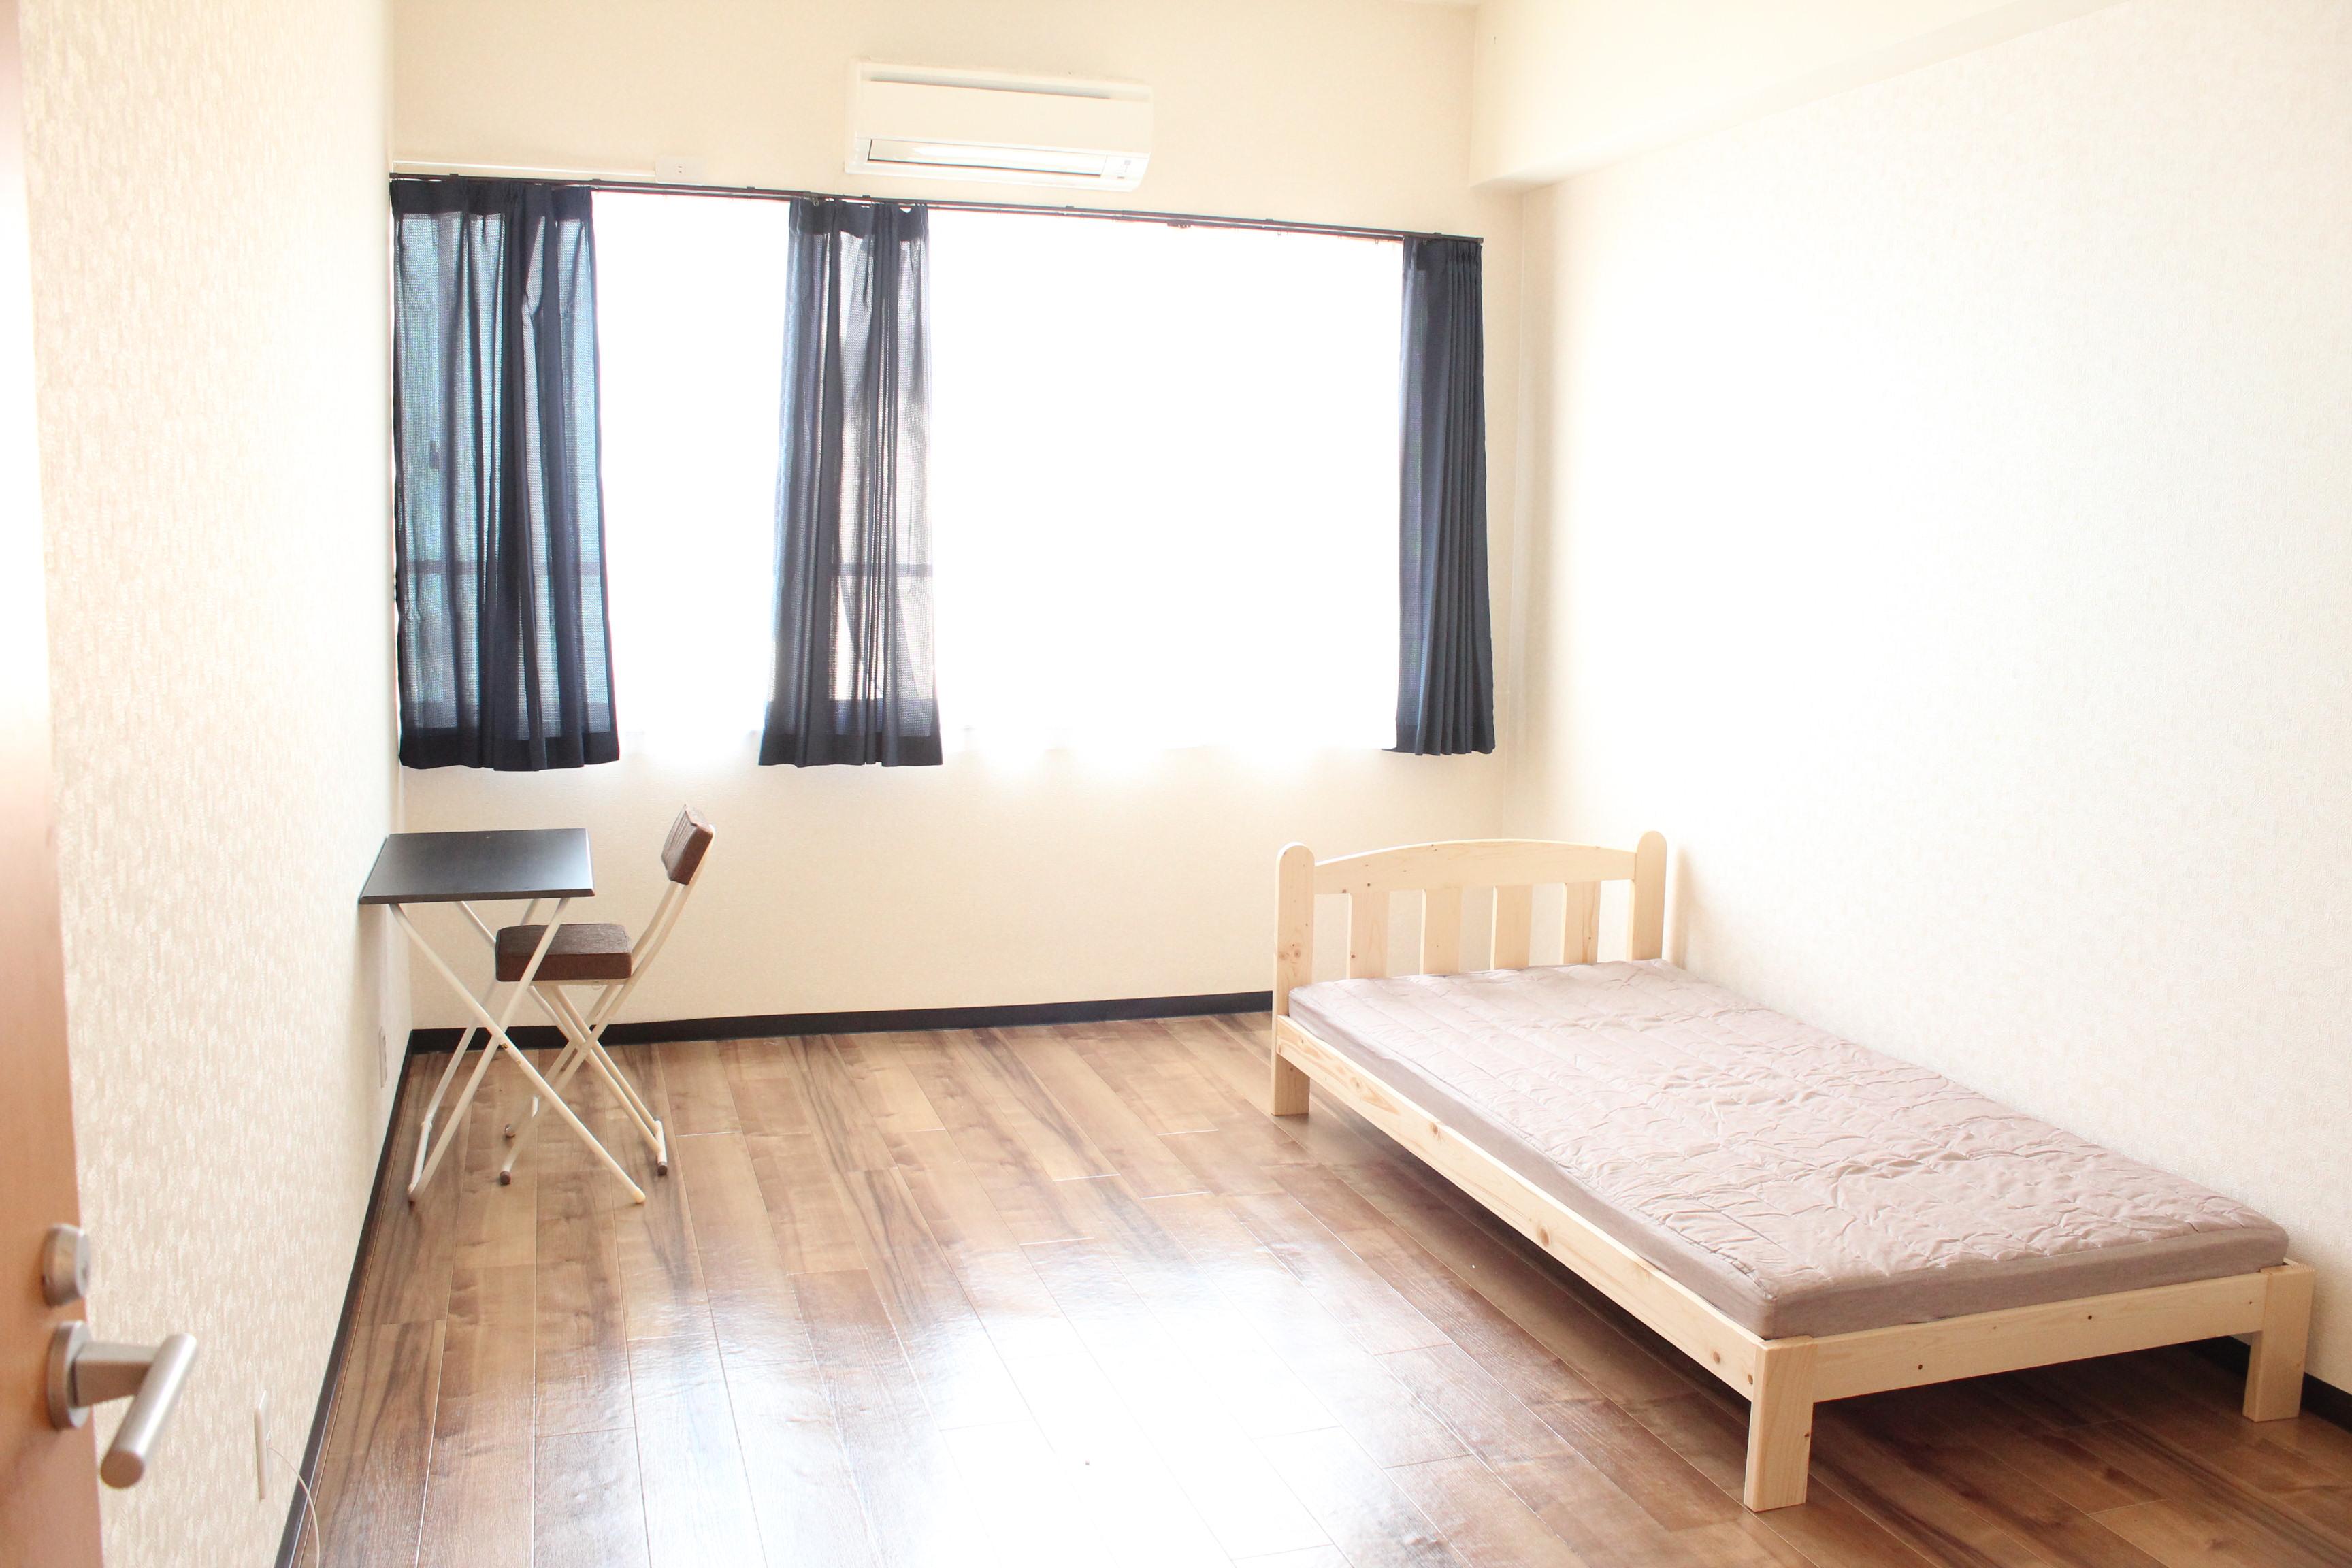 202 single room